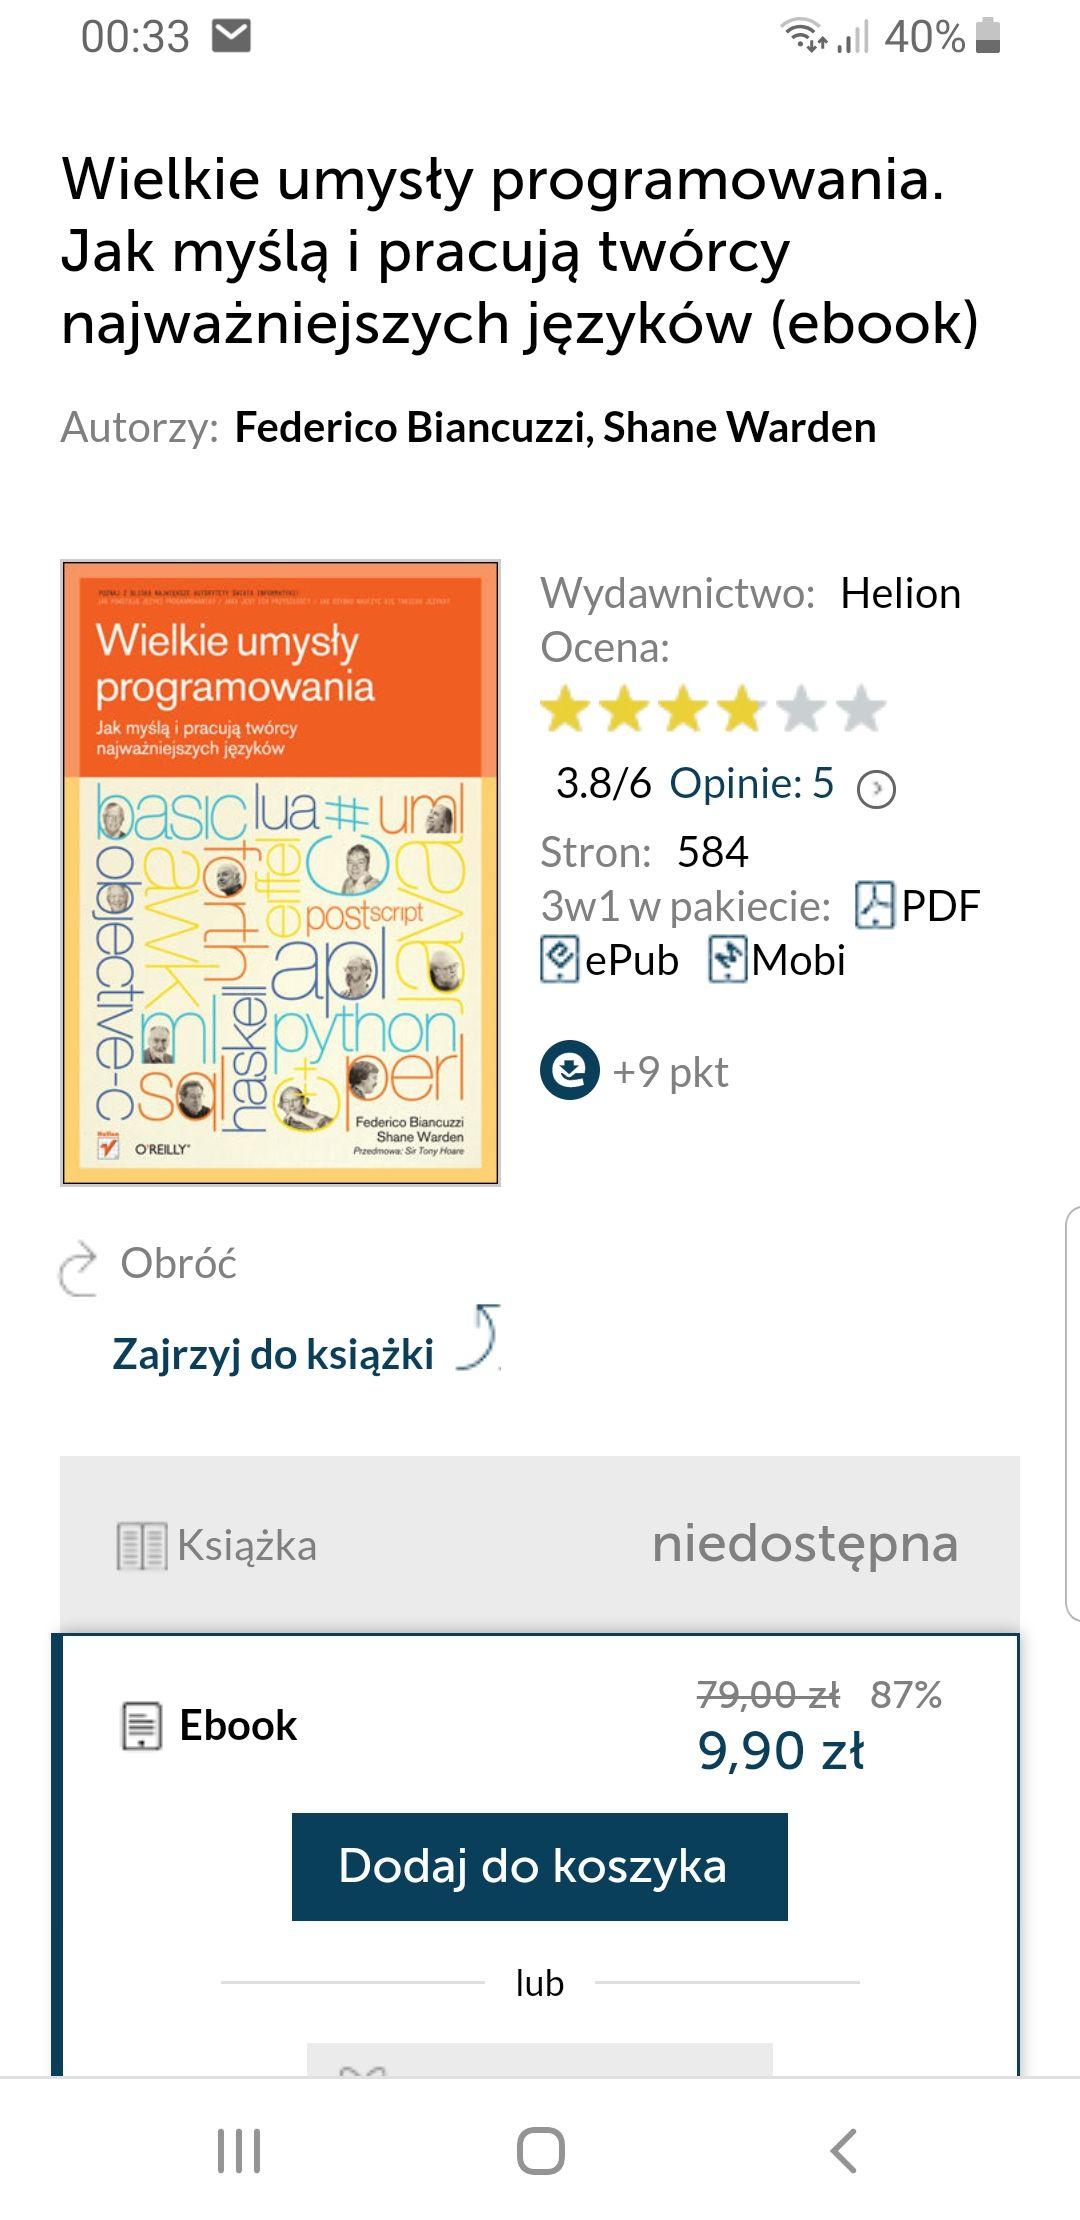 Wielkie umysły programowania. Jak myślą i pracują twórcy najważniejszych języków(ebook)